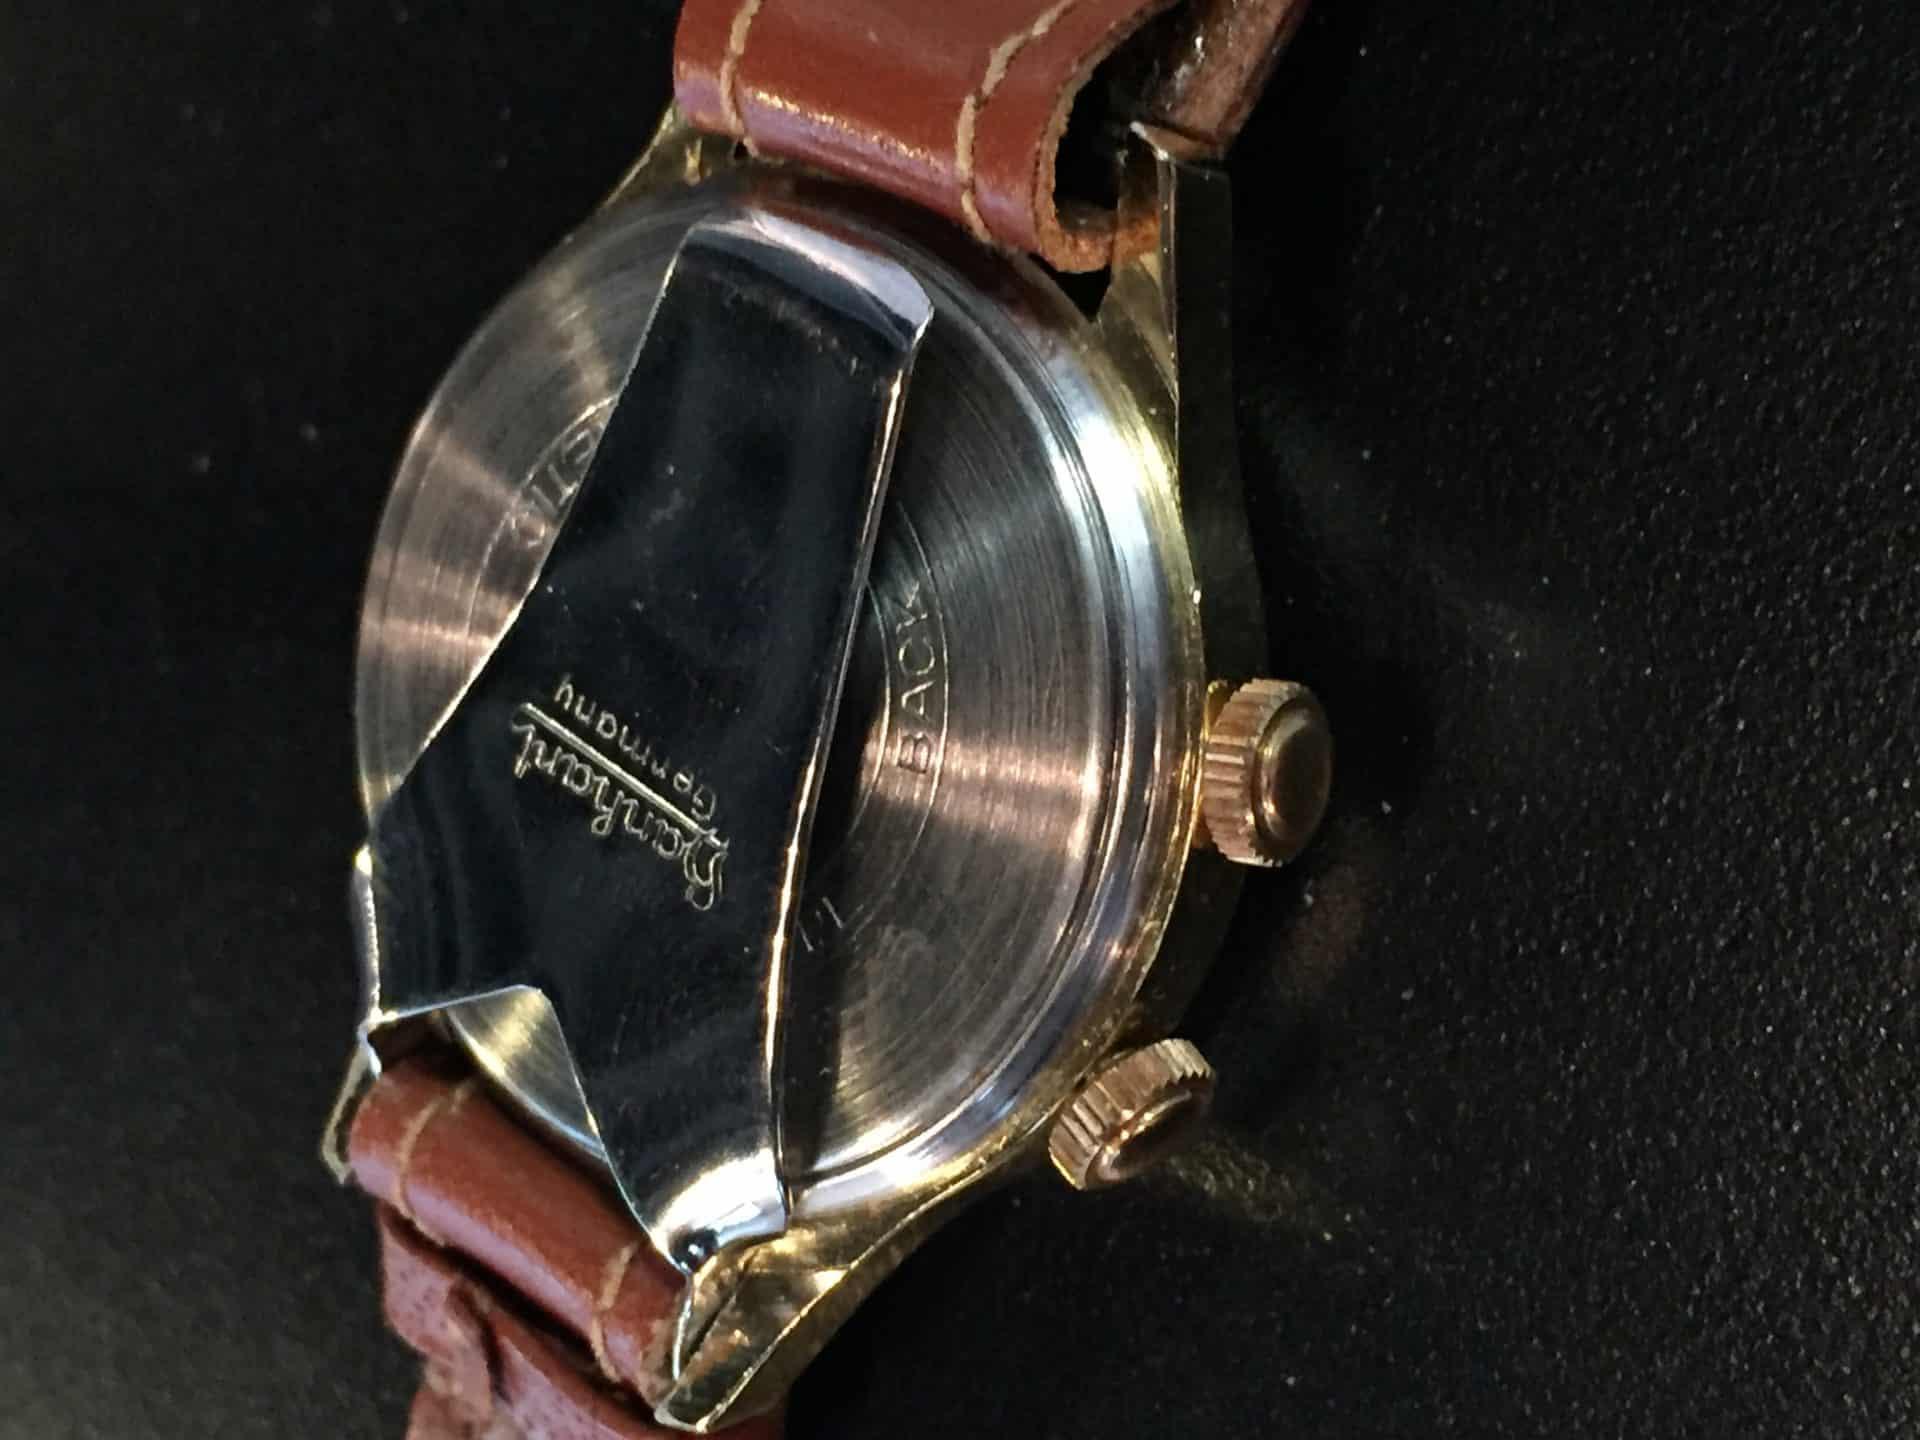 Hanhart Armbandwecker Alarm Kaliber 302 1950-er Jahre